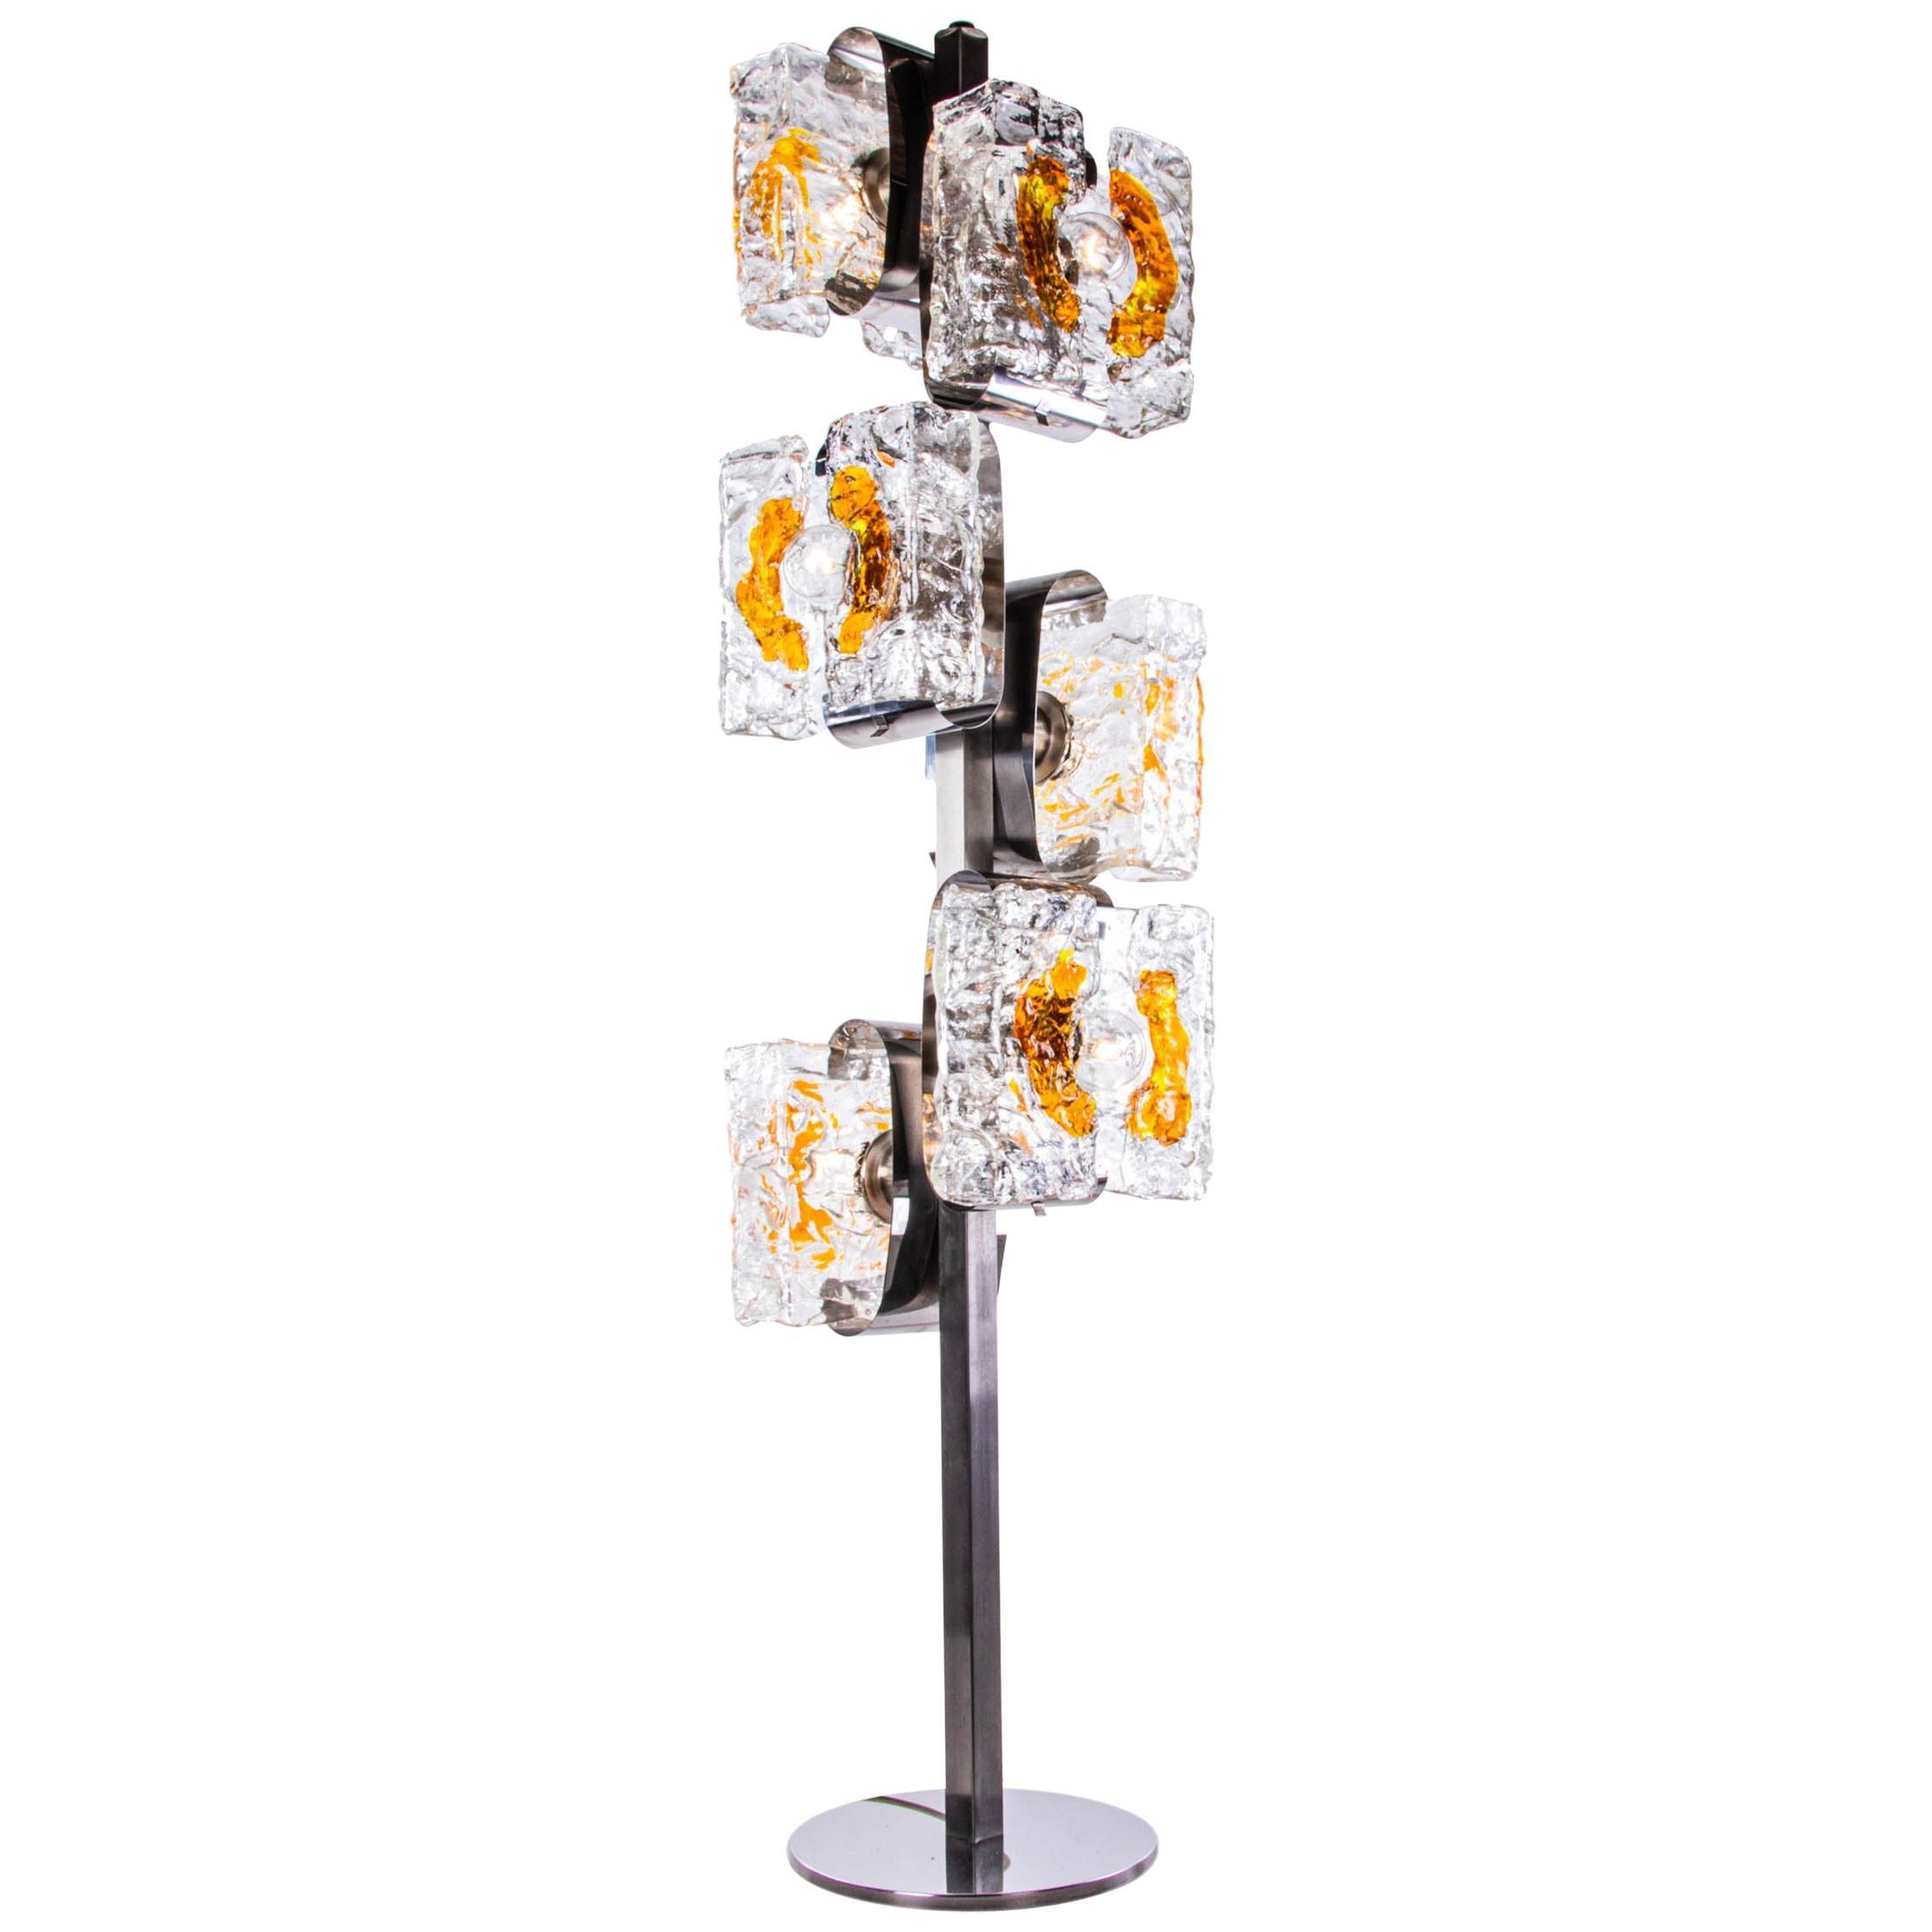 1970 Italy Toni Zuccheri & Mazzega Floor Lamp Amber Murano Glass & Chrome